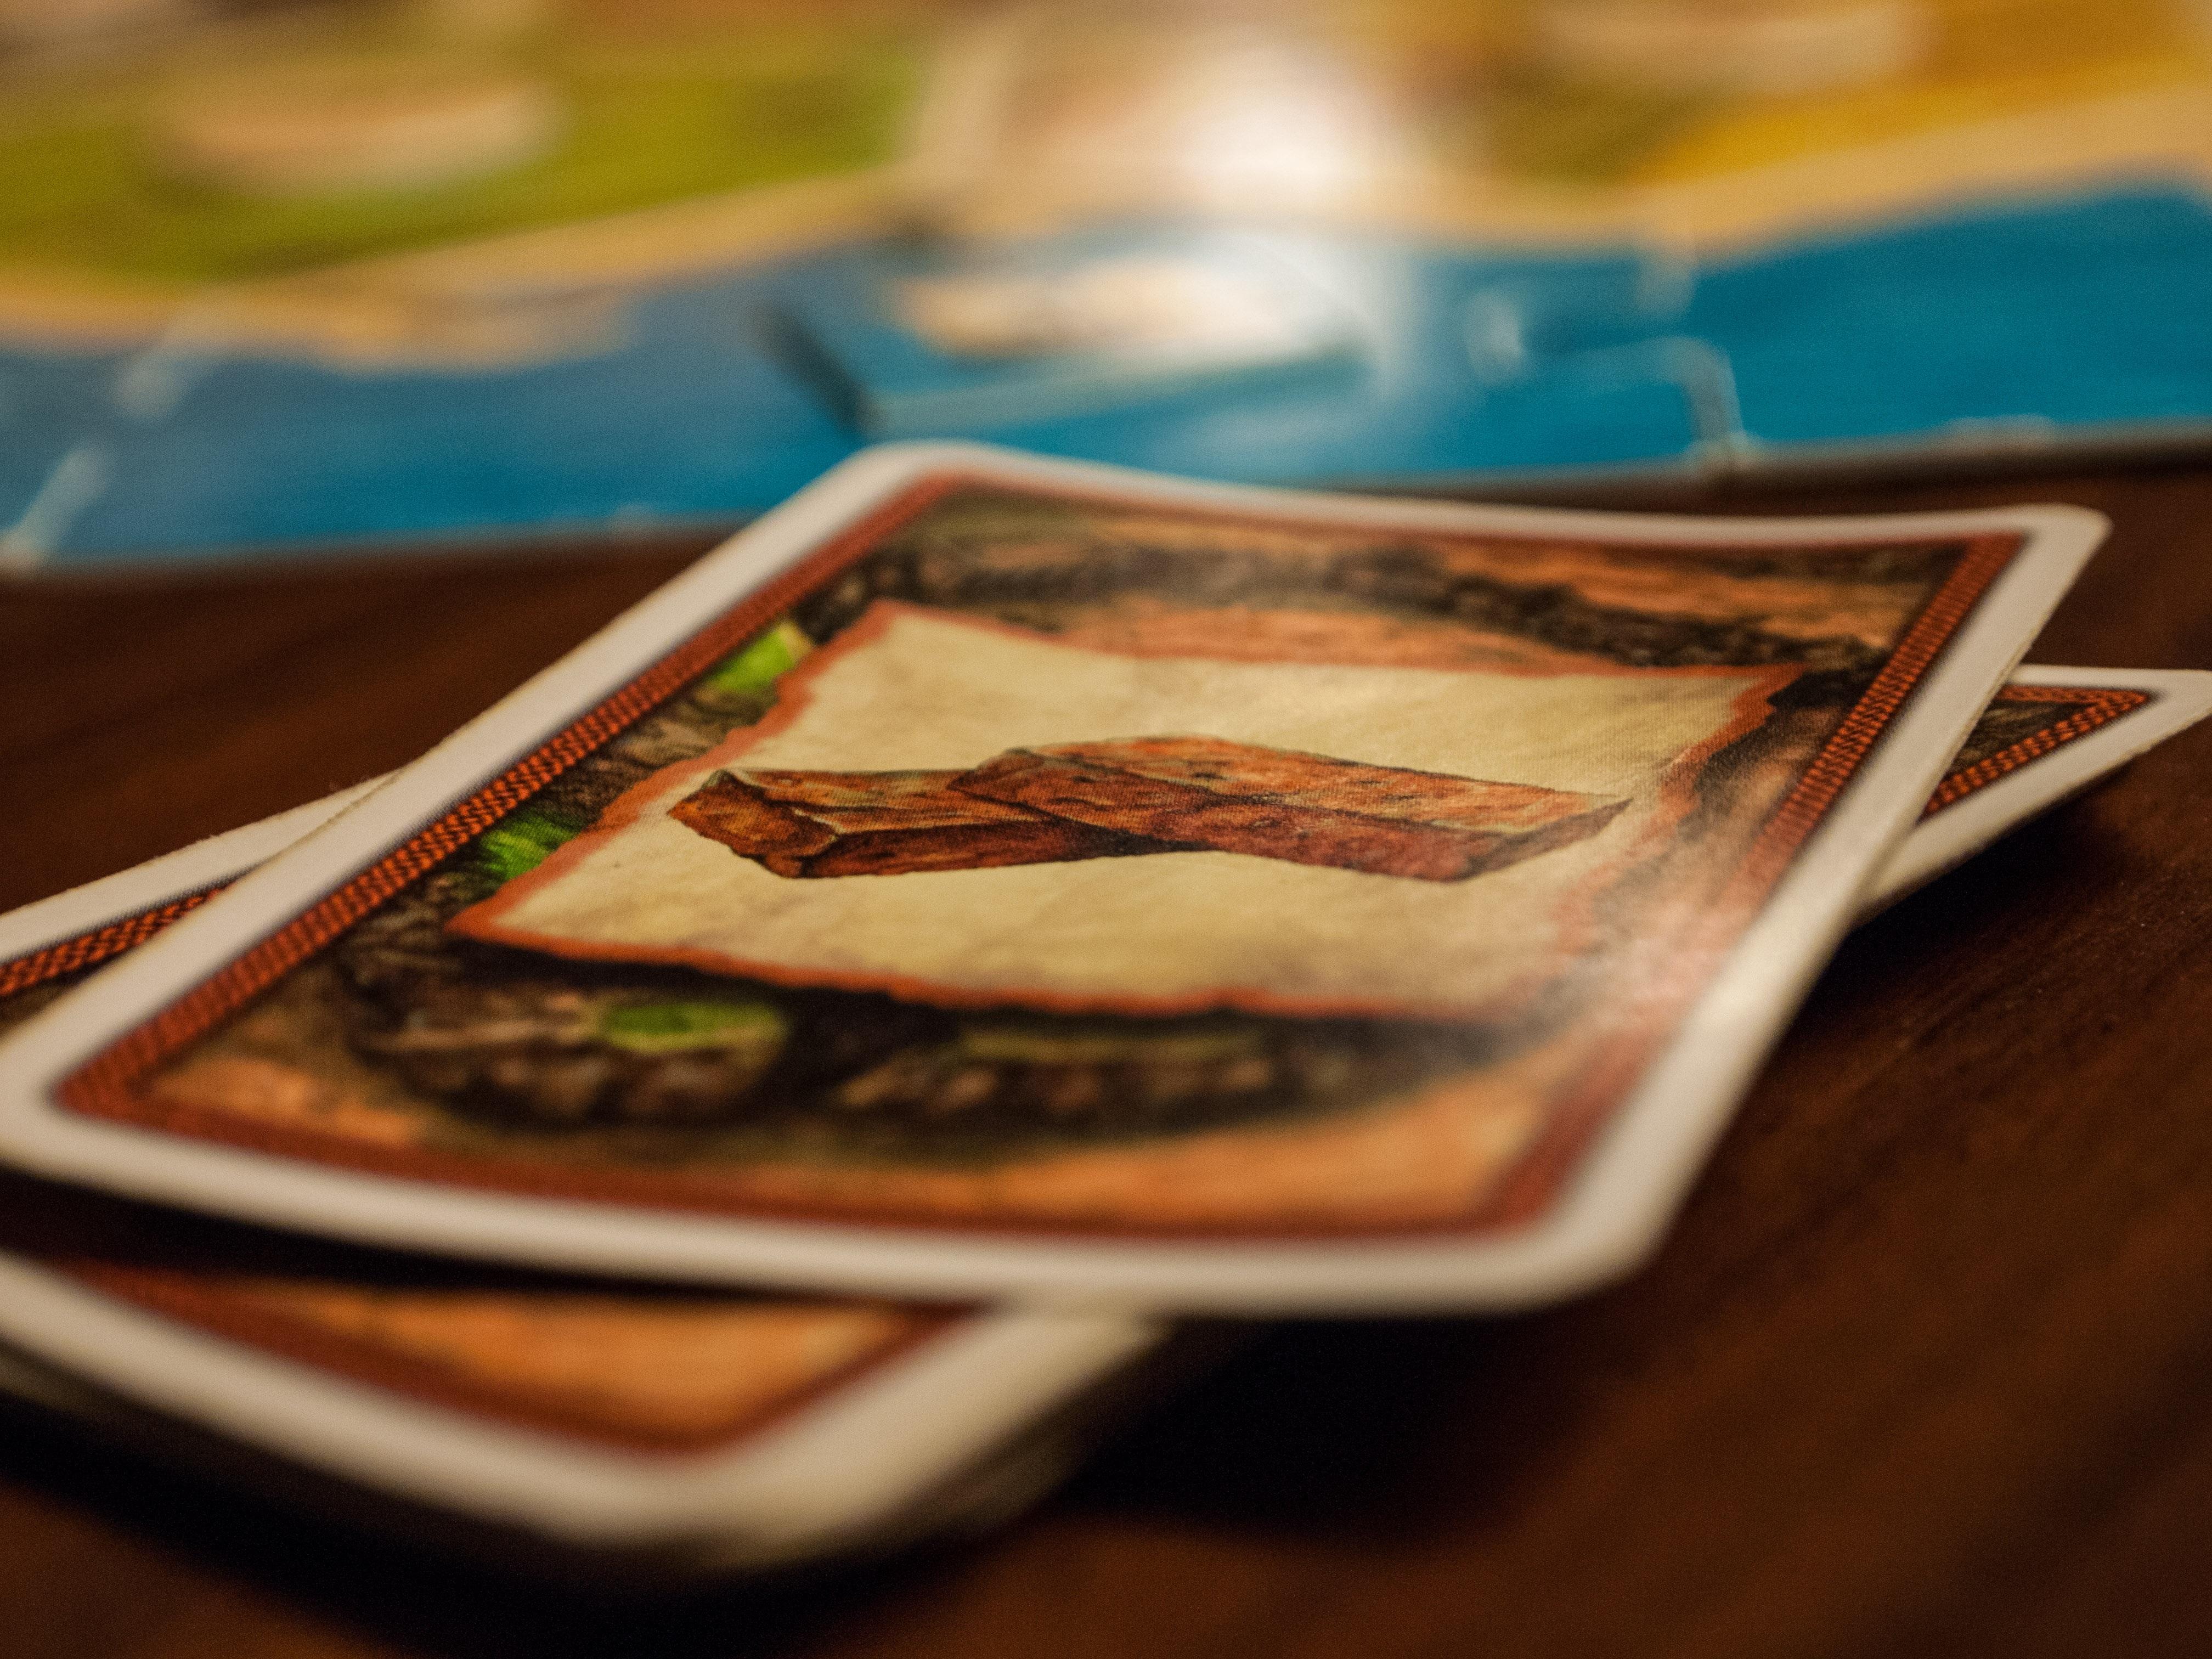 еда карты играть